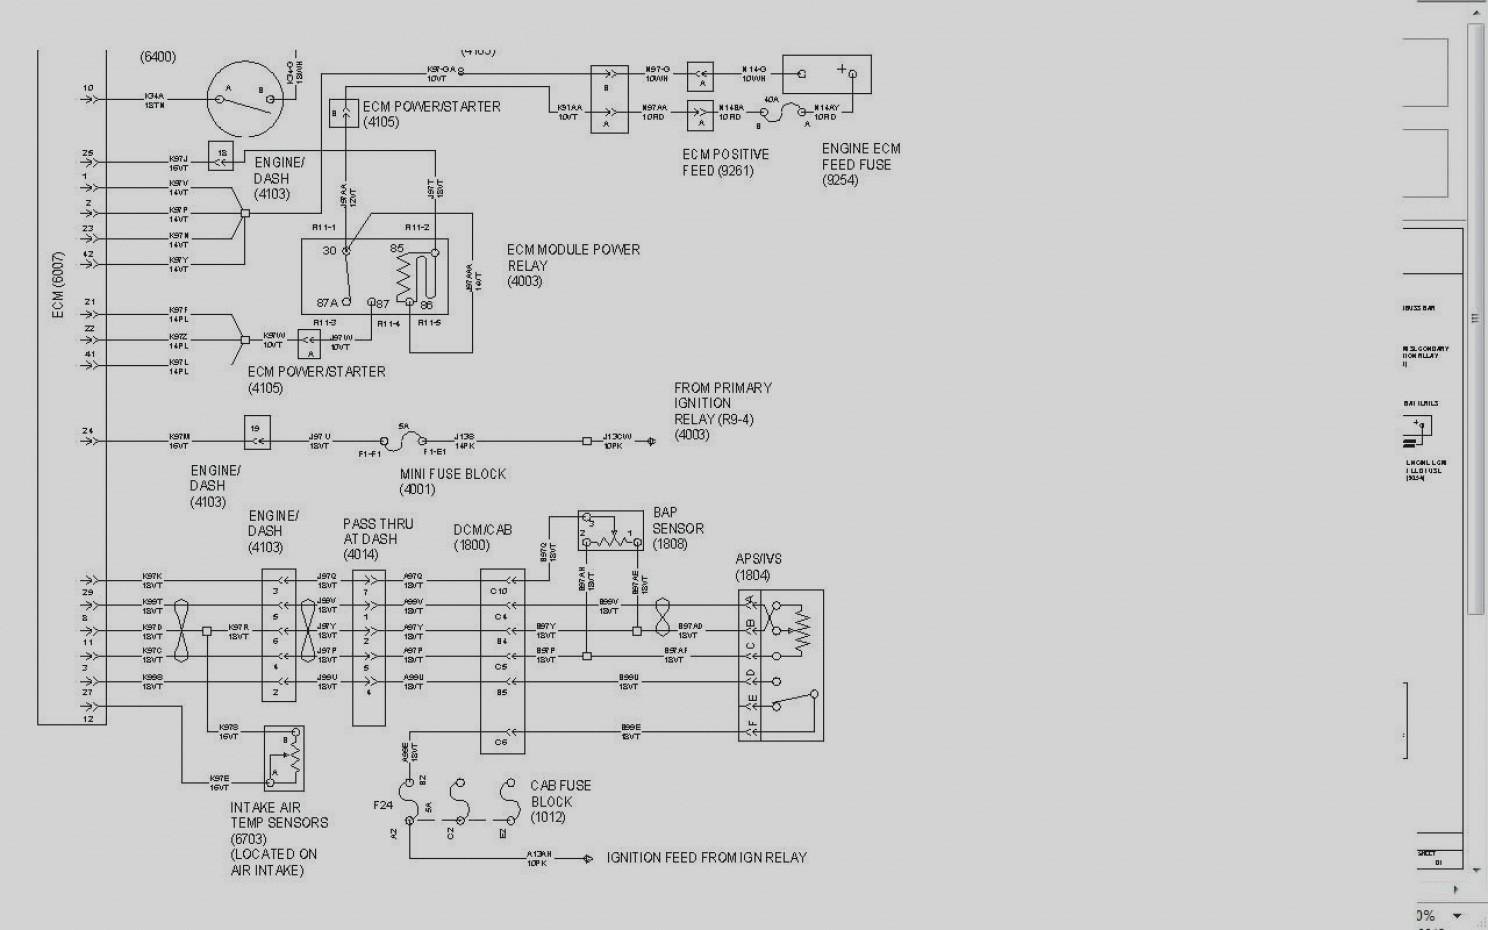 2006 International 4300 Wiring Diagram - Wiring Diagram